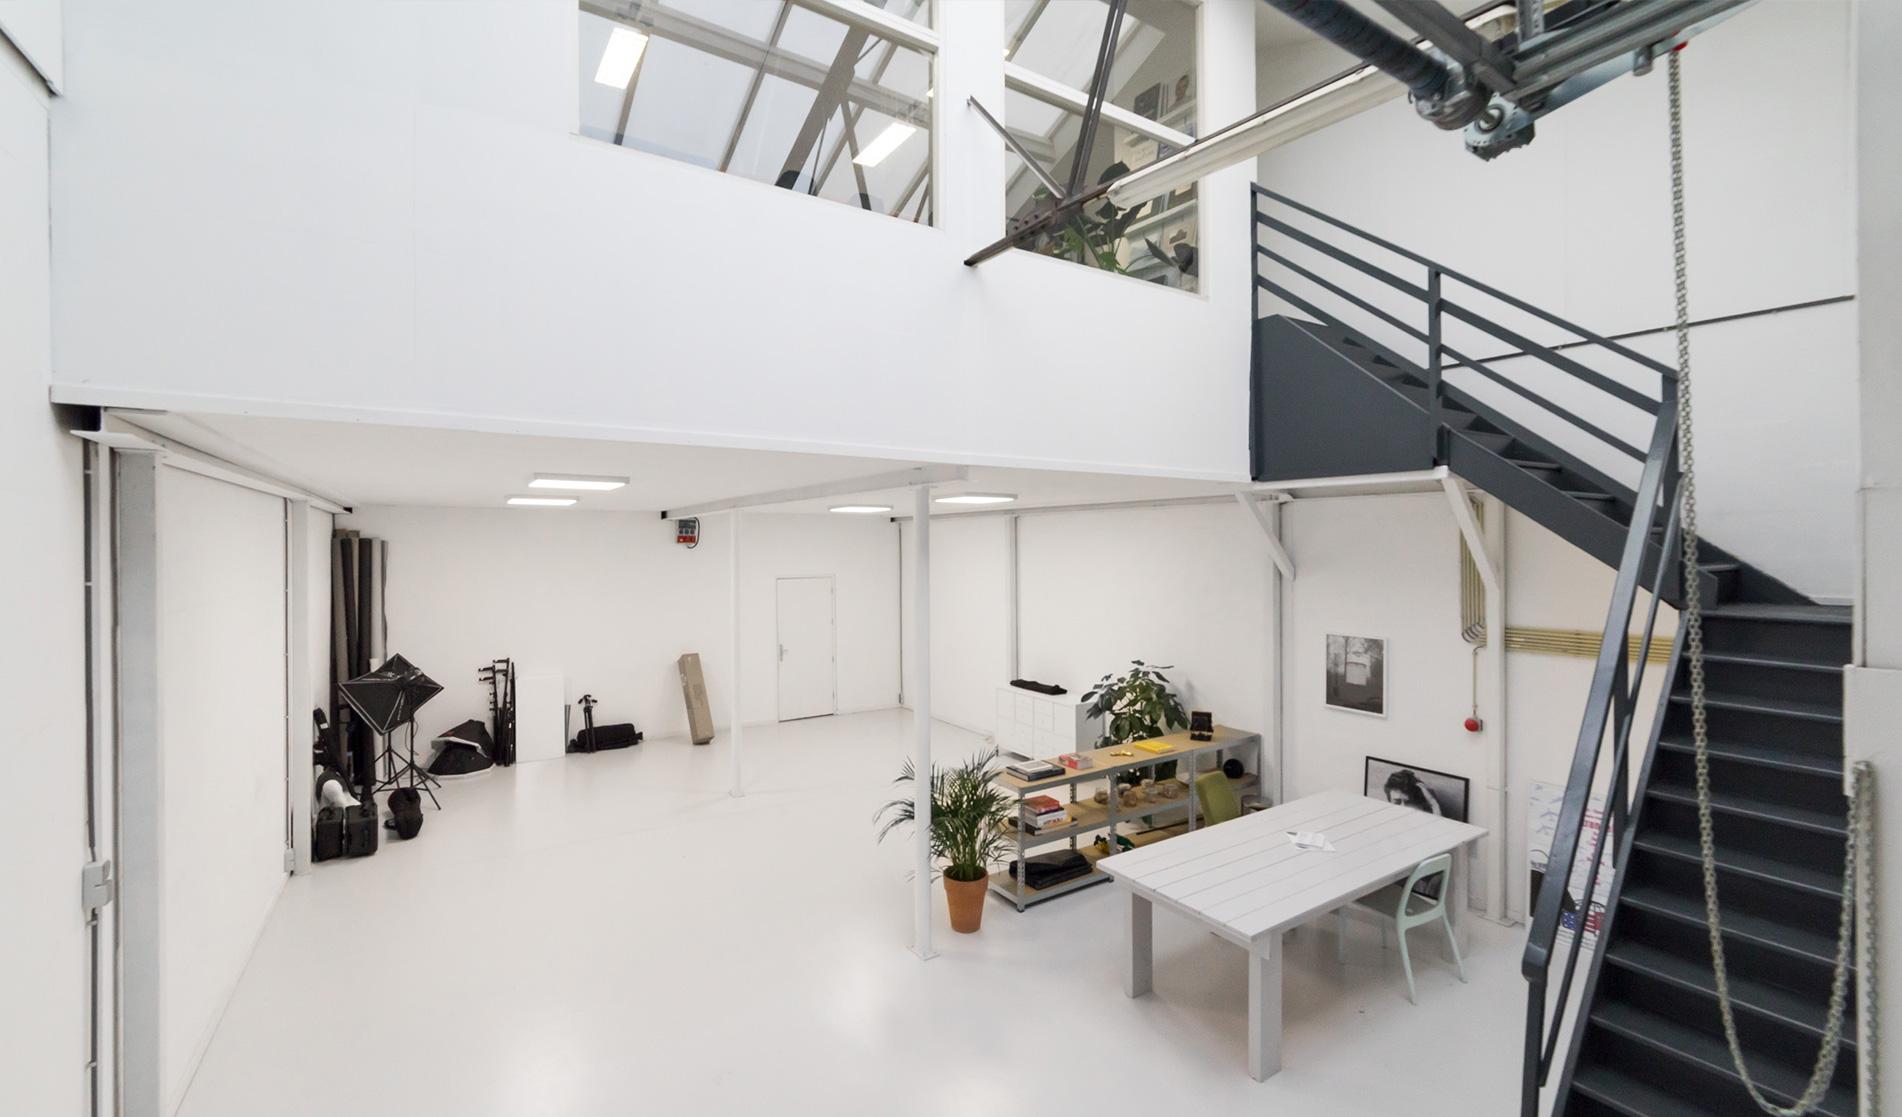 Blickfänger Studio